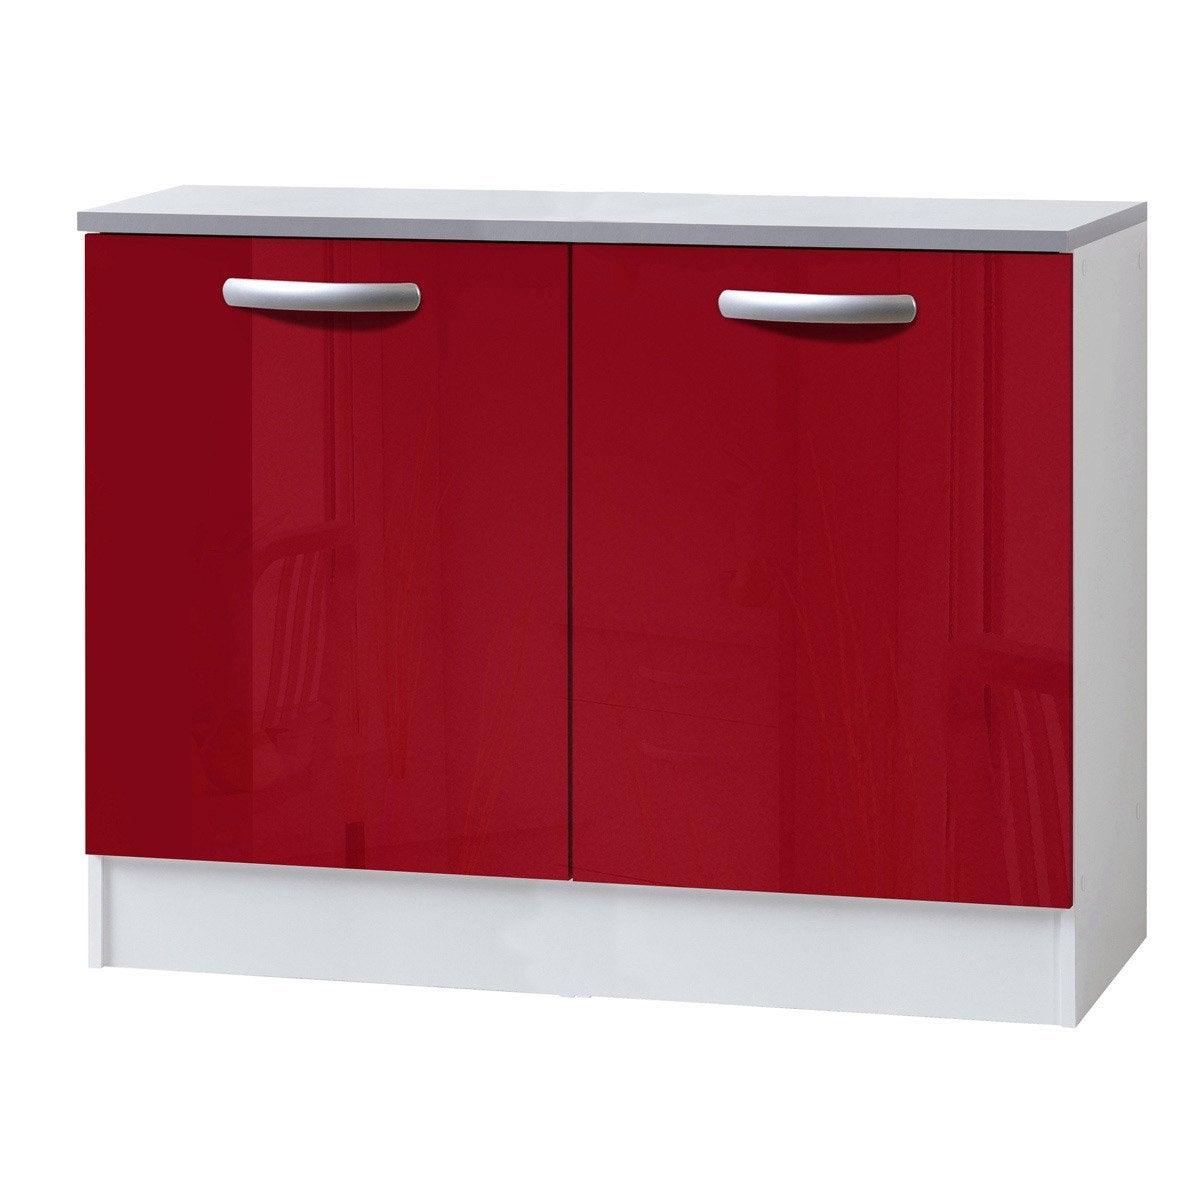 Meuble de cuisine bas 2 portes rouge brillant h86x l120x - Element de cuisine leroy merlin ...